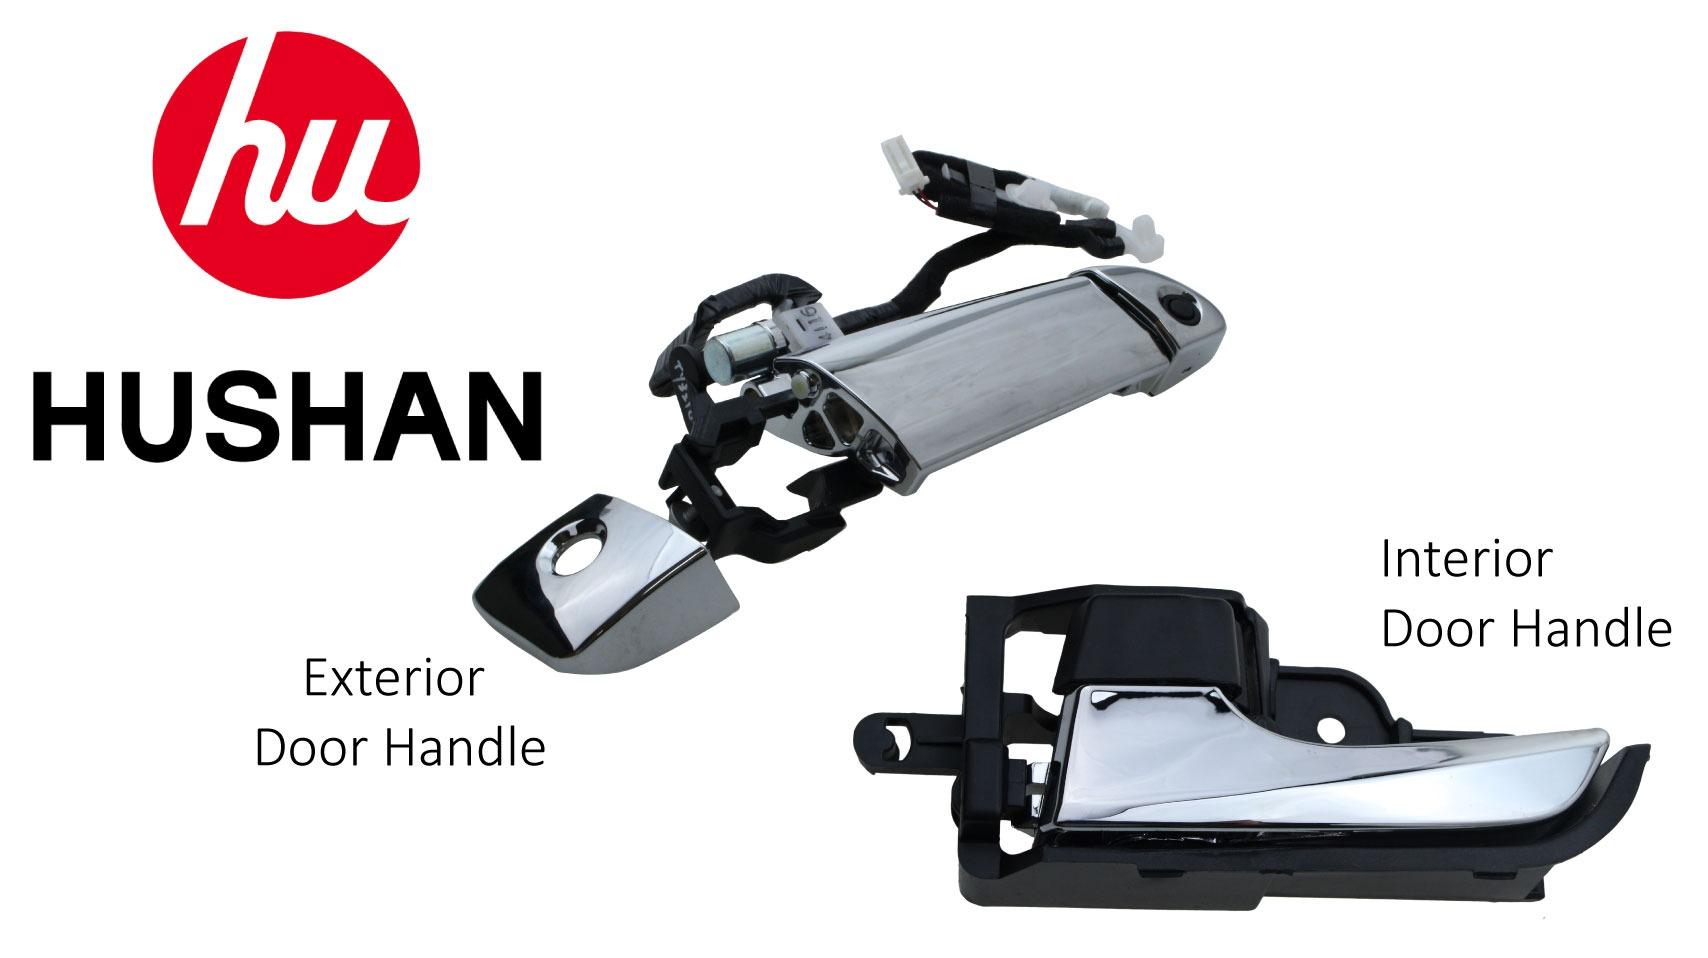 HU SHAN Autoparts Inc. 虎山實業股份有限公司 - Match Supplier